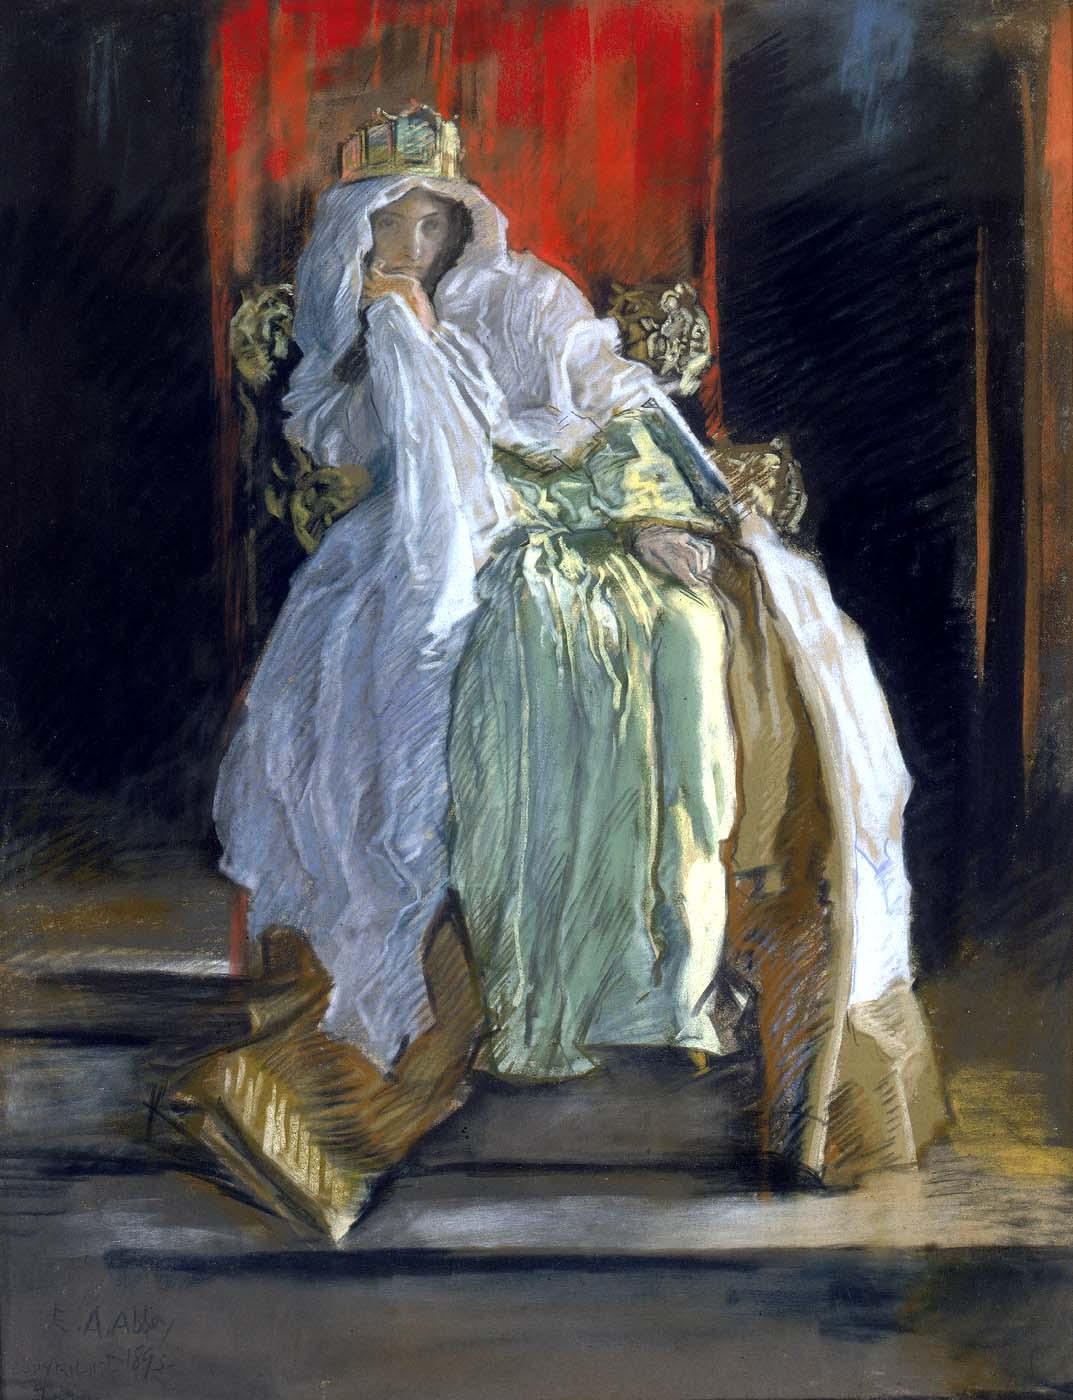 La reine dans Hamlet, 1895